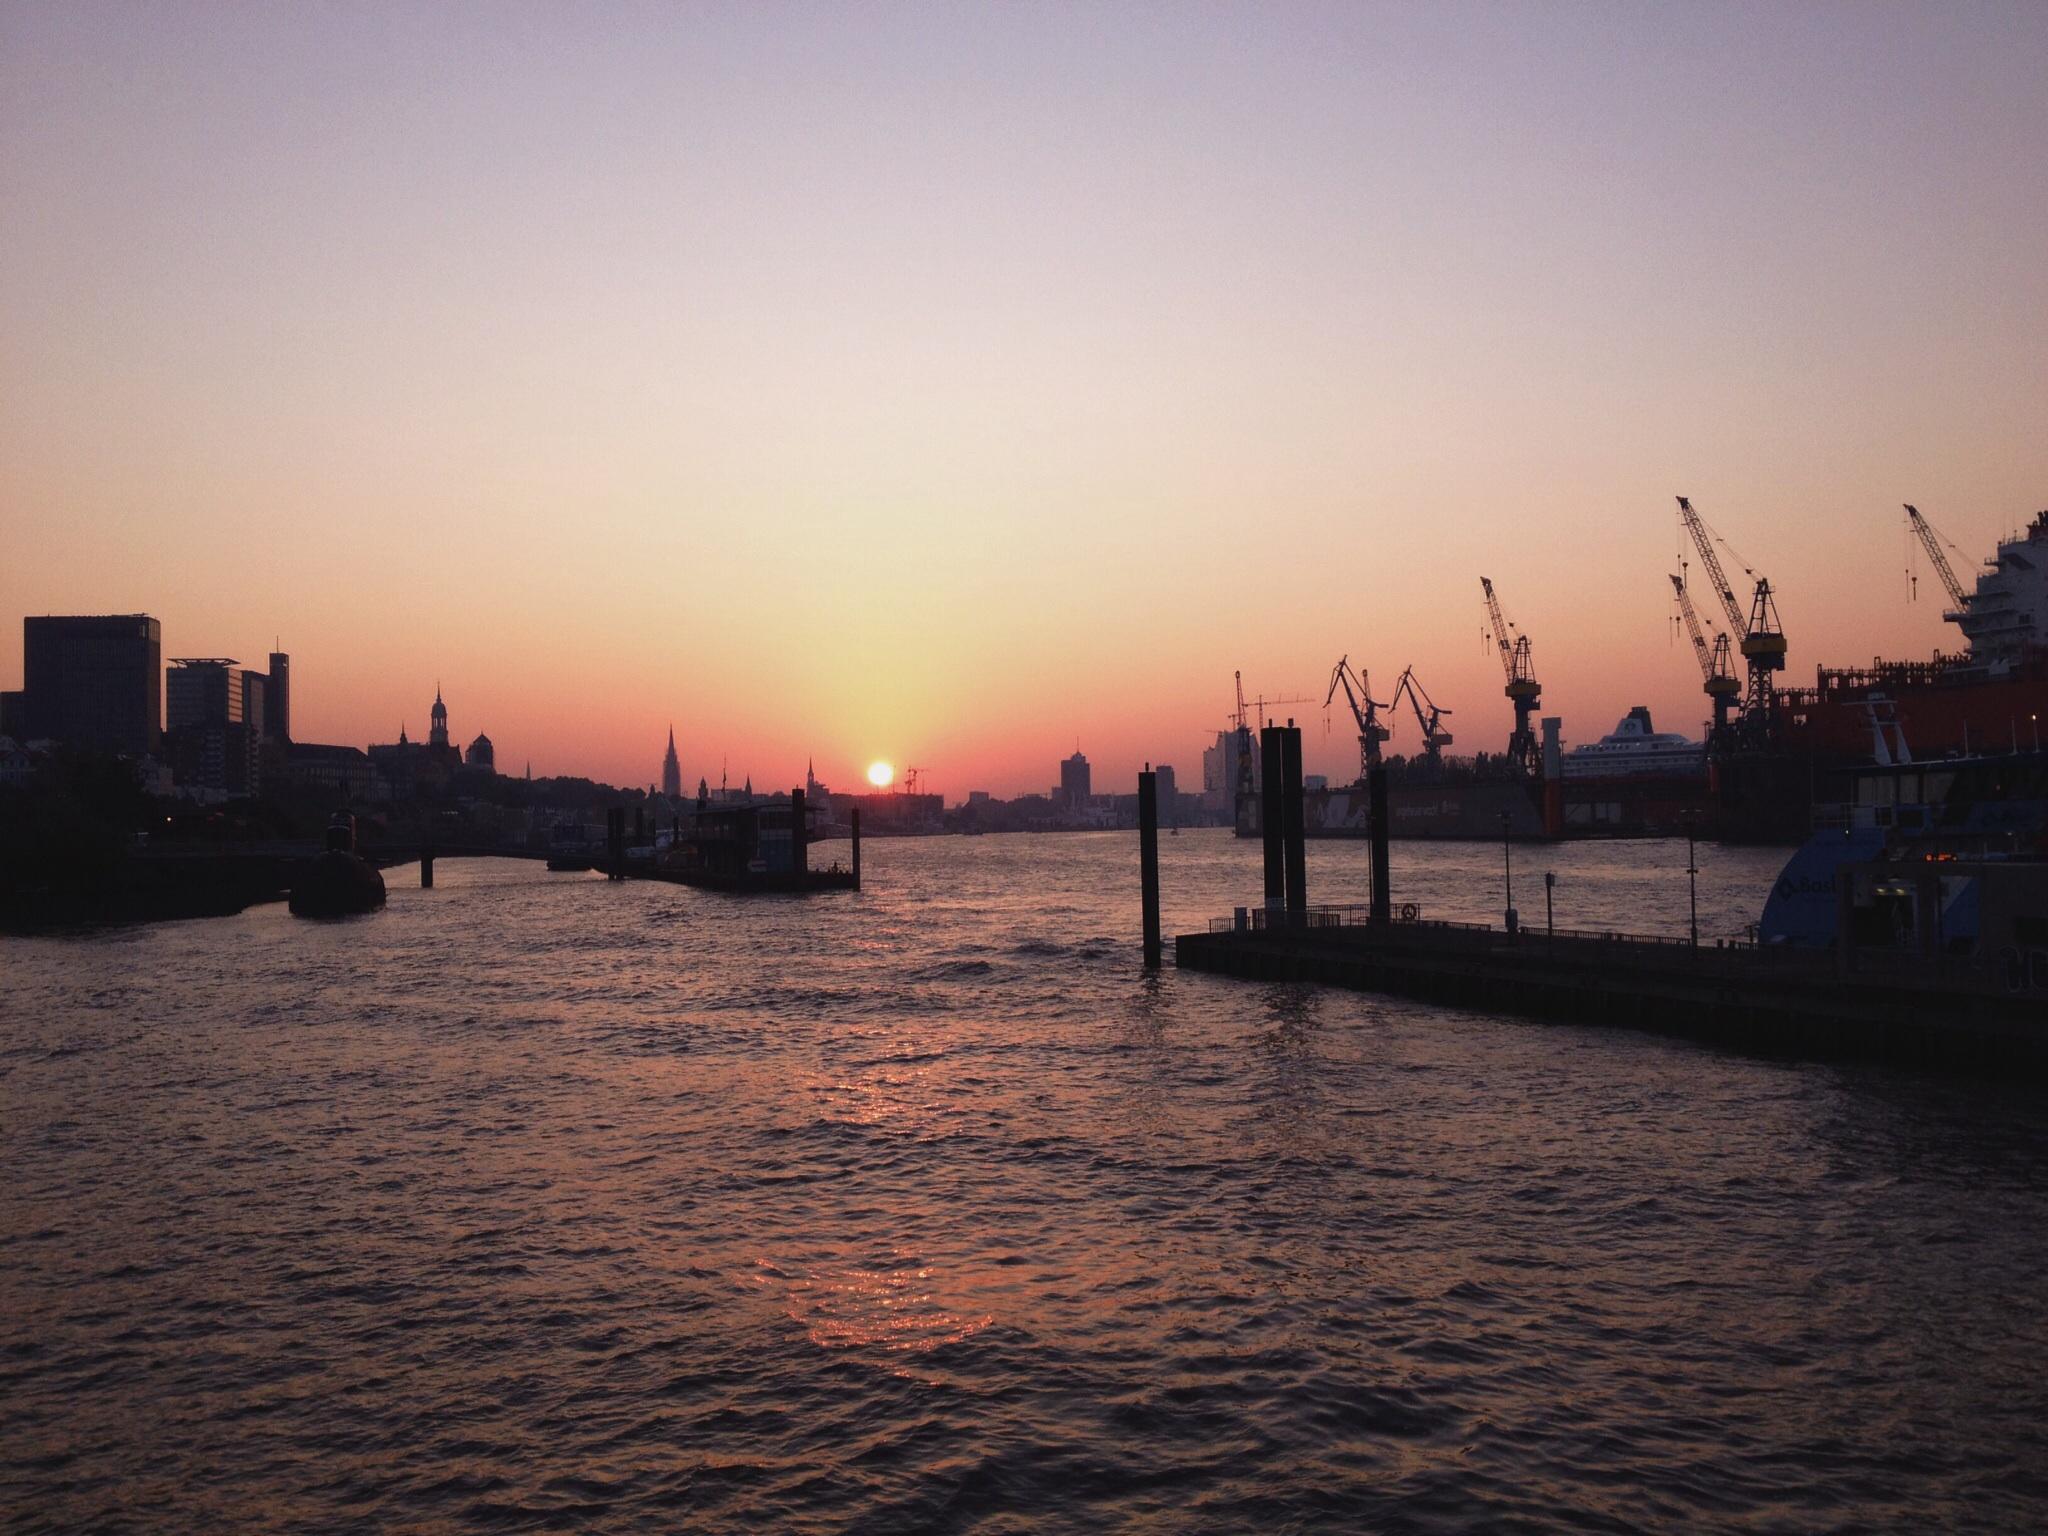 Sonnenaufgang am Fischmarkt